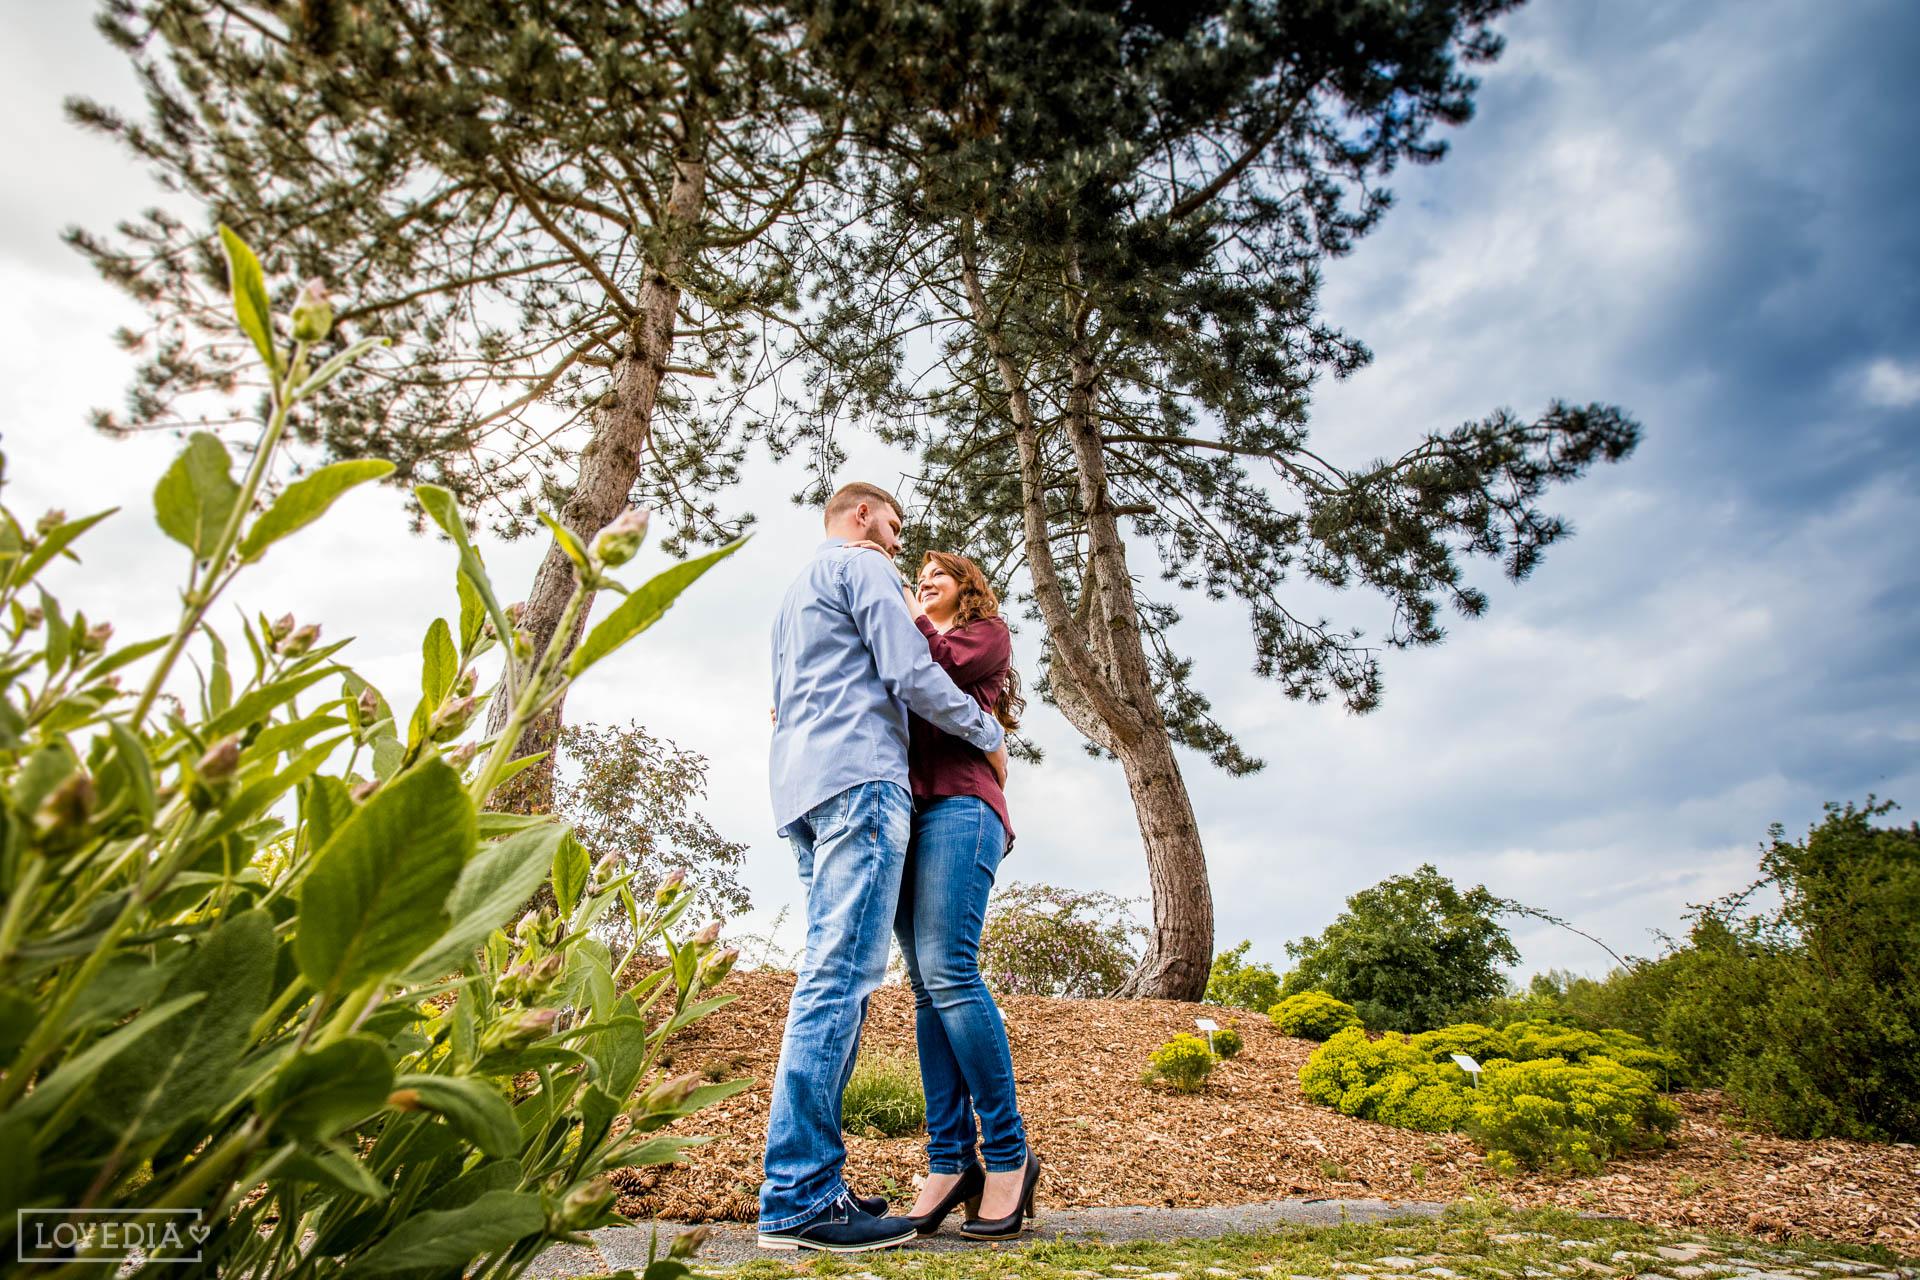 Romantisches Paar Fotoshooting In Loki Schmidt Garten